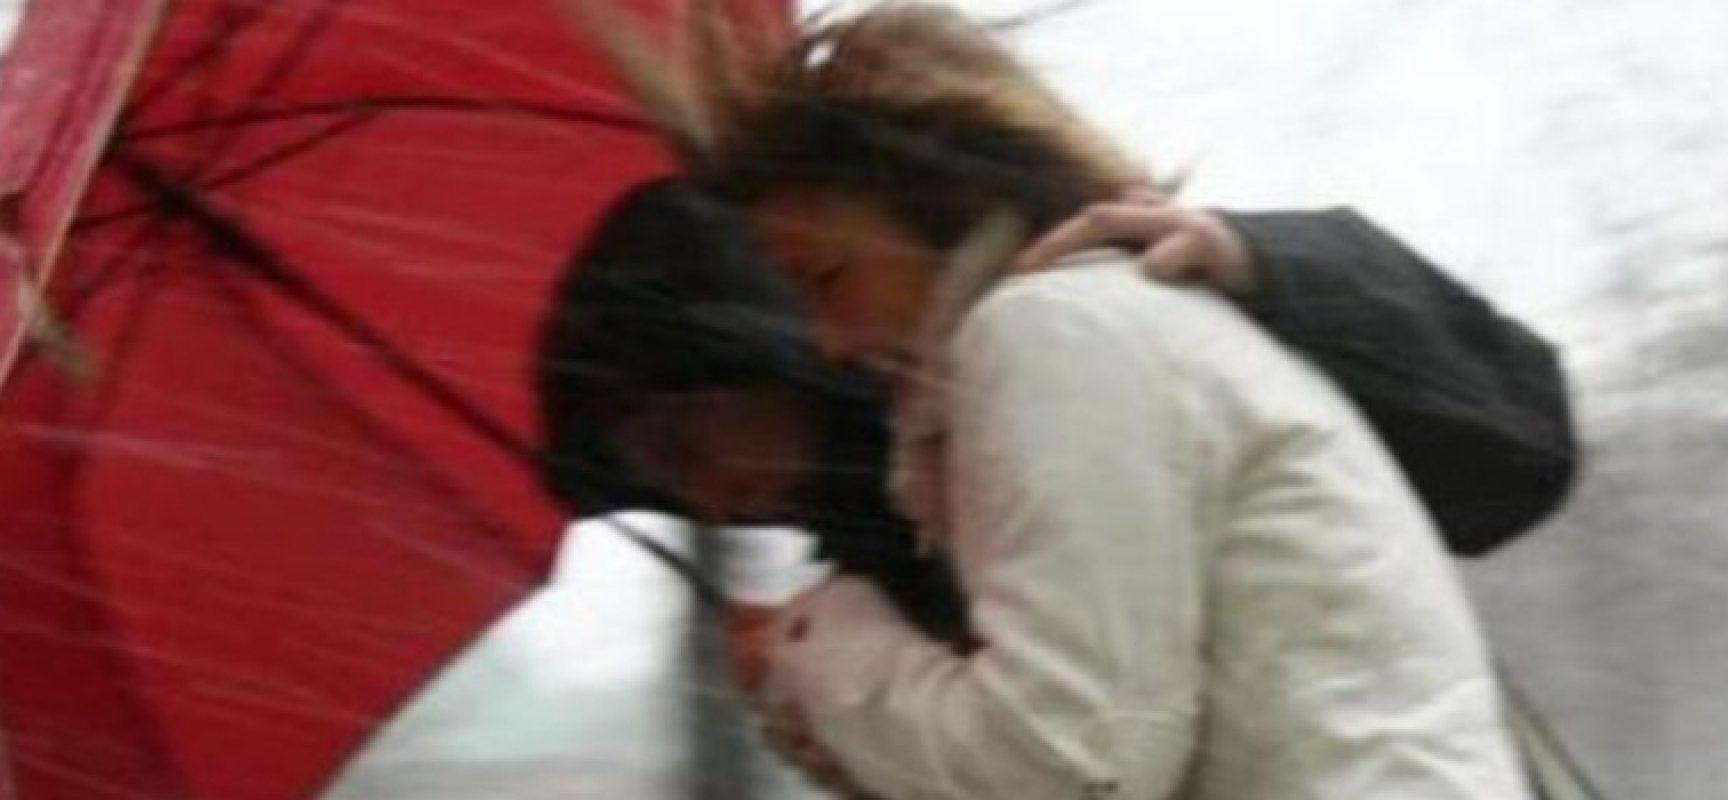 Protezione Civile Puglia protrae allerta meteo arancione per la città di Bisceglie